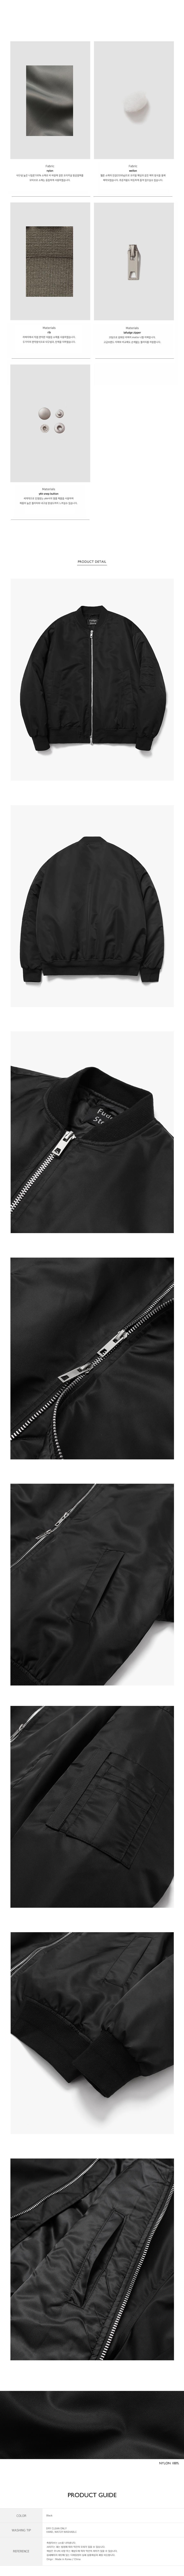 라퍼지스토어(LAFUDGESTORE) [누빔안감]유나이티드 오버핏 MA-1 항공자켓_Black